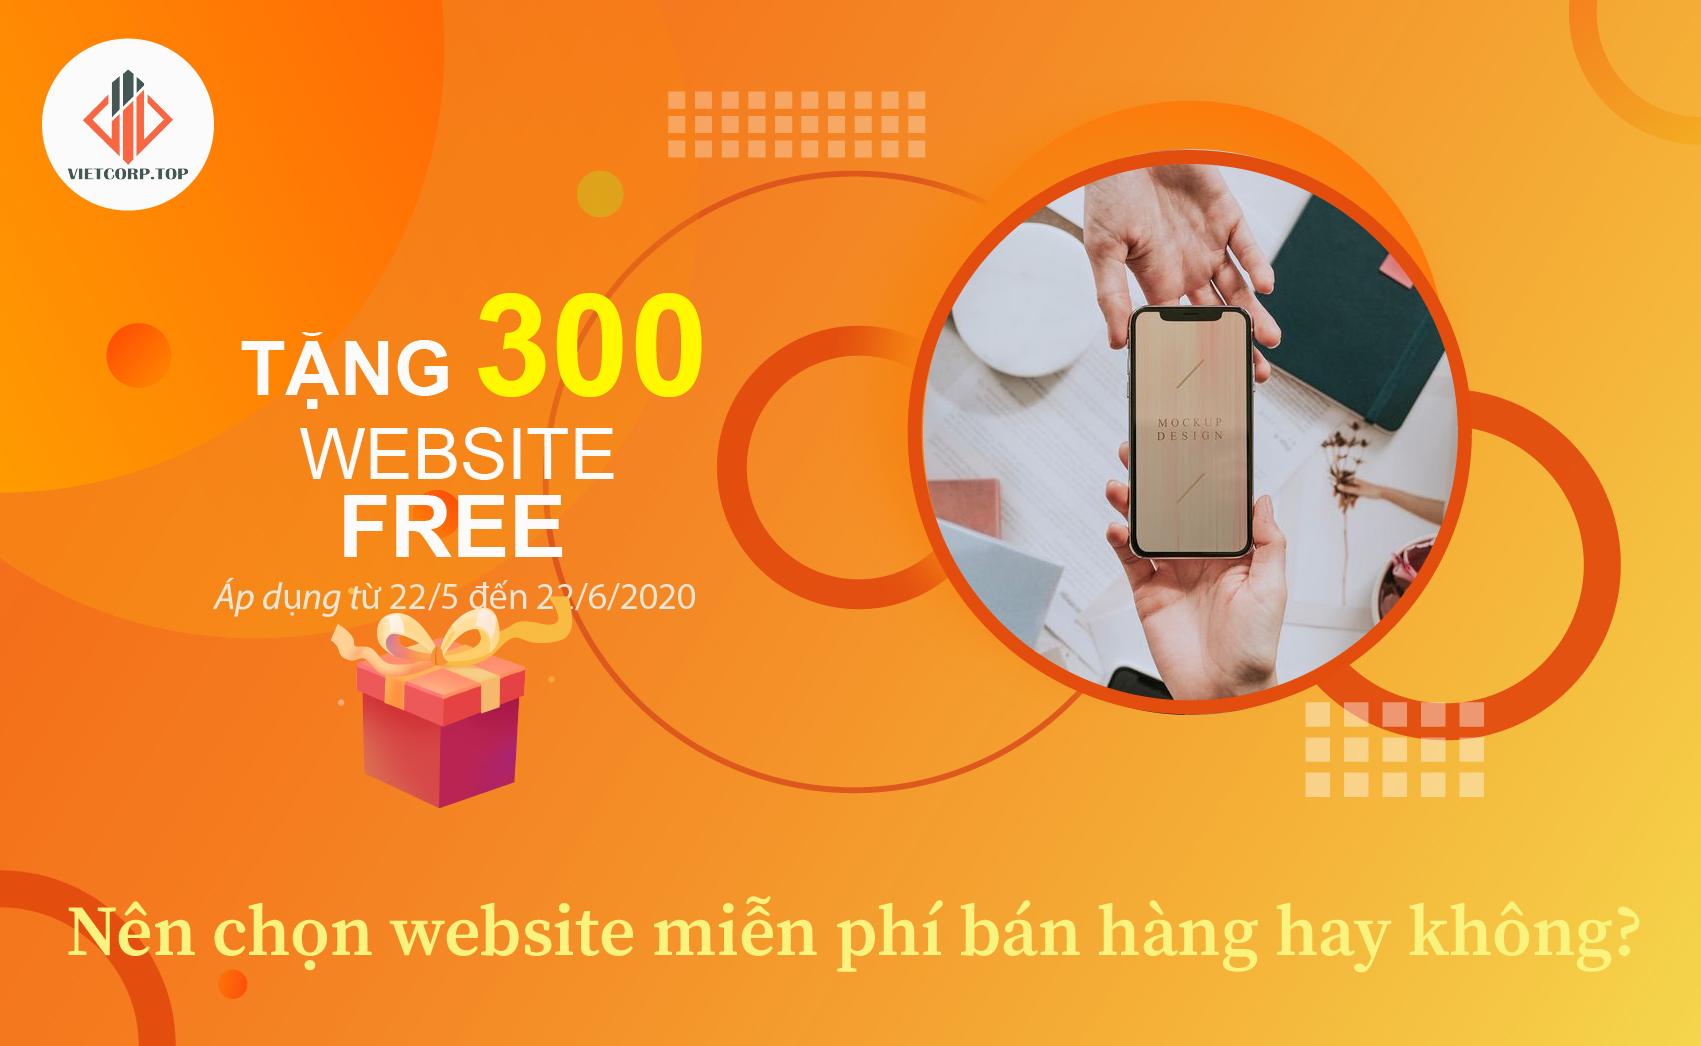 Có nên chọn website miễn phí hay không